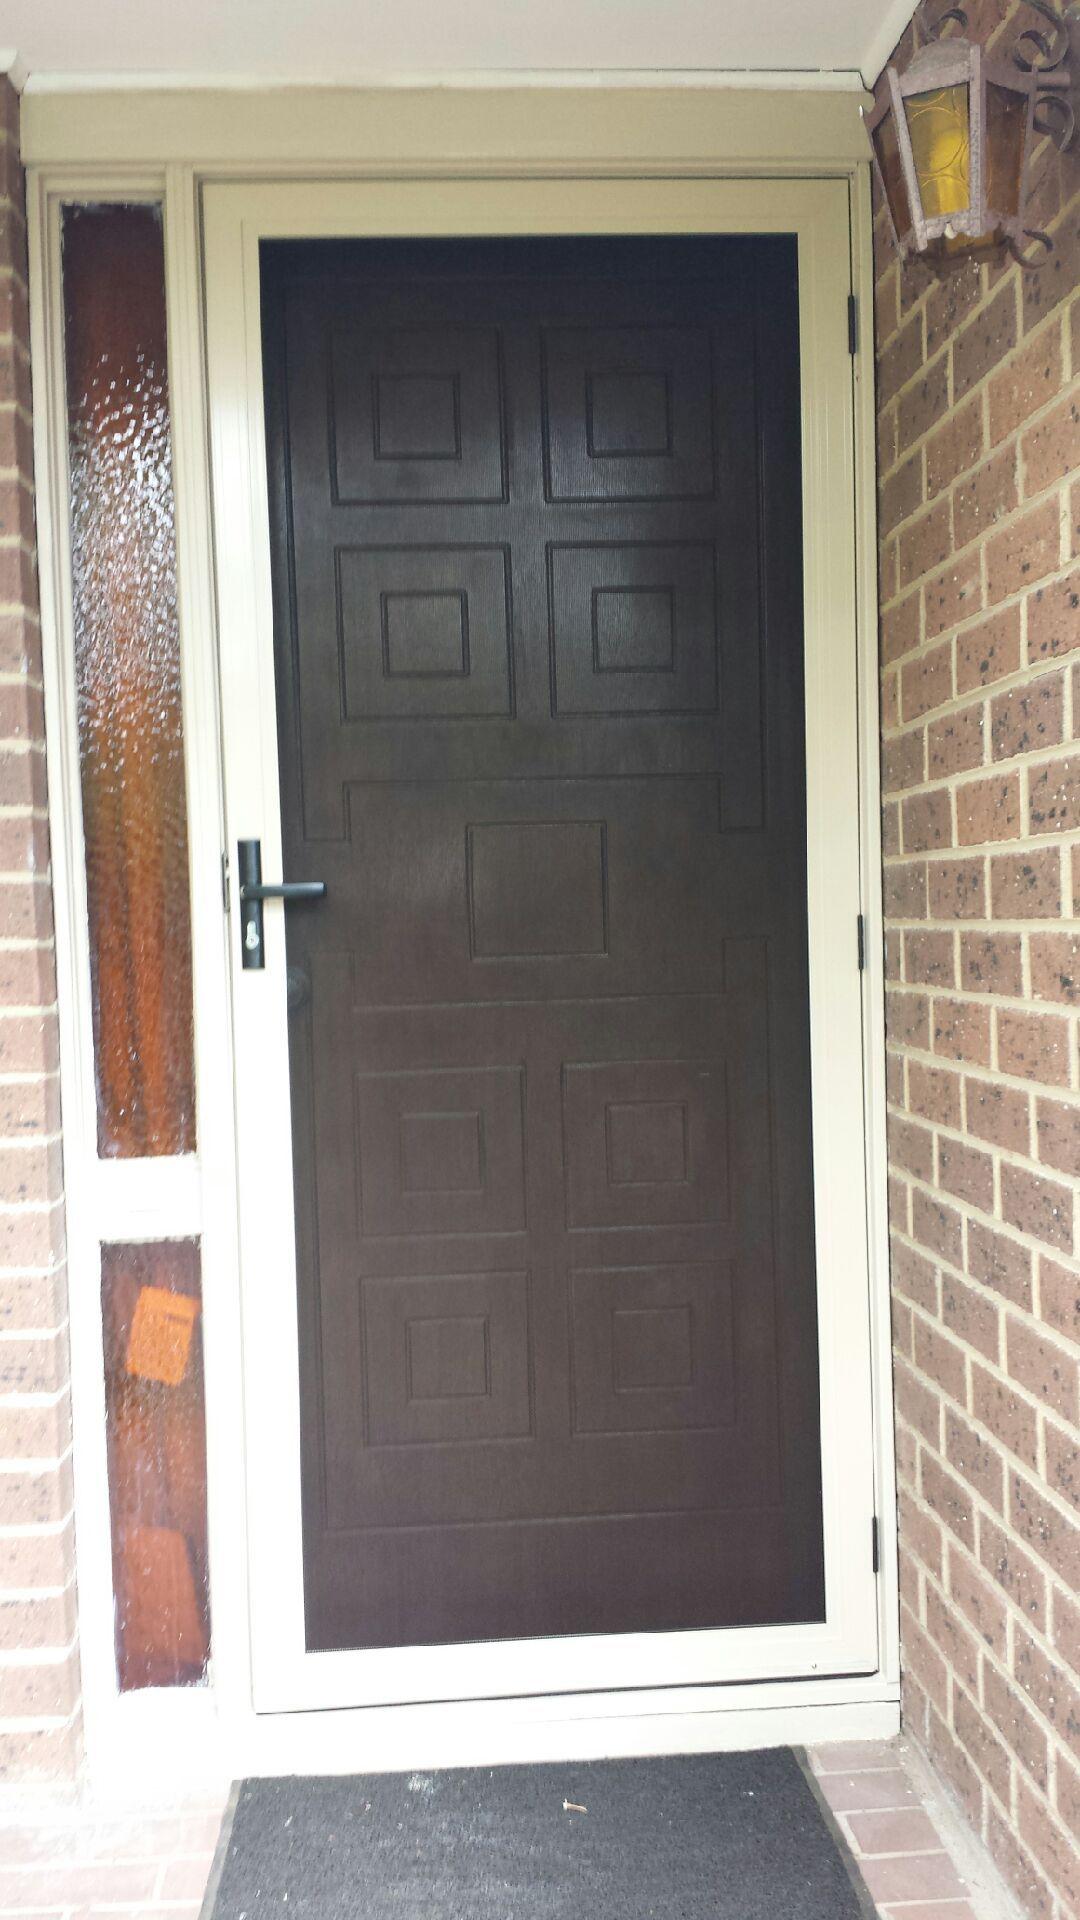 Aluminum Frame Security Door With Stainless Steel Mesh Installed In Burwood Security Door Door Installation Install Screen Door